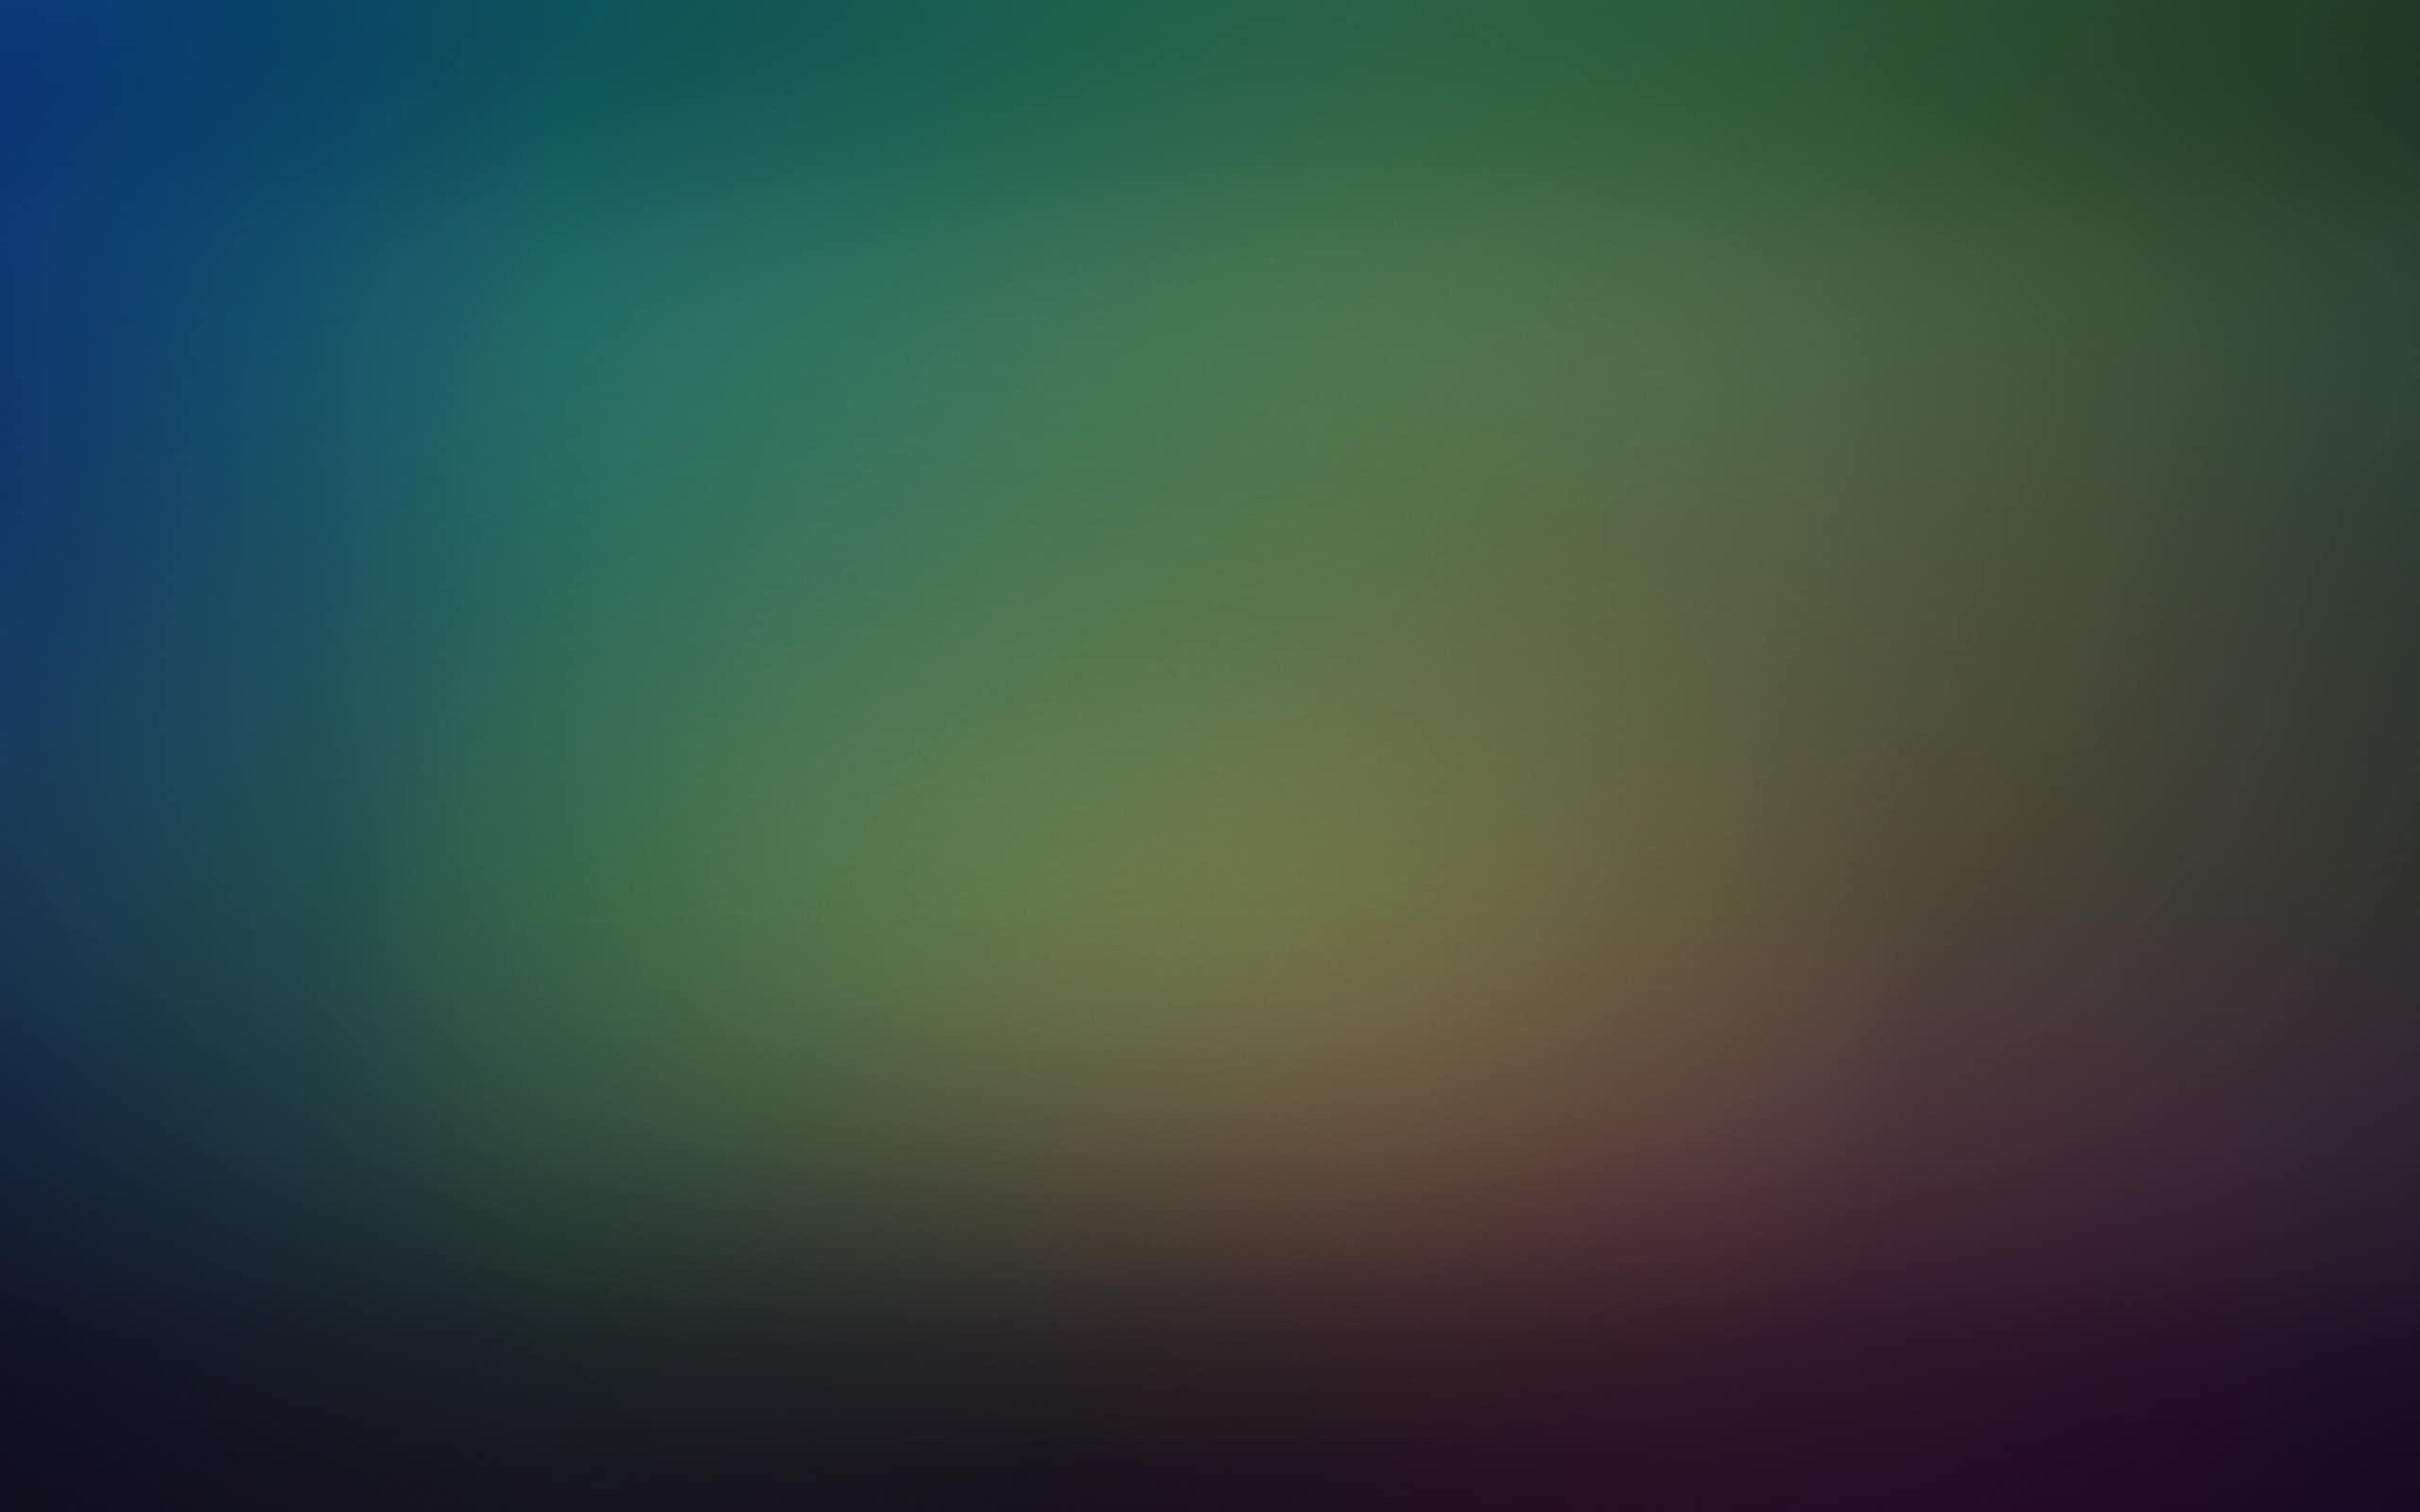 Apple Iphone X Wallpaper Download 5 Coloridos Fondos De Pantalla Para Mac Con Degradados